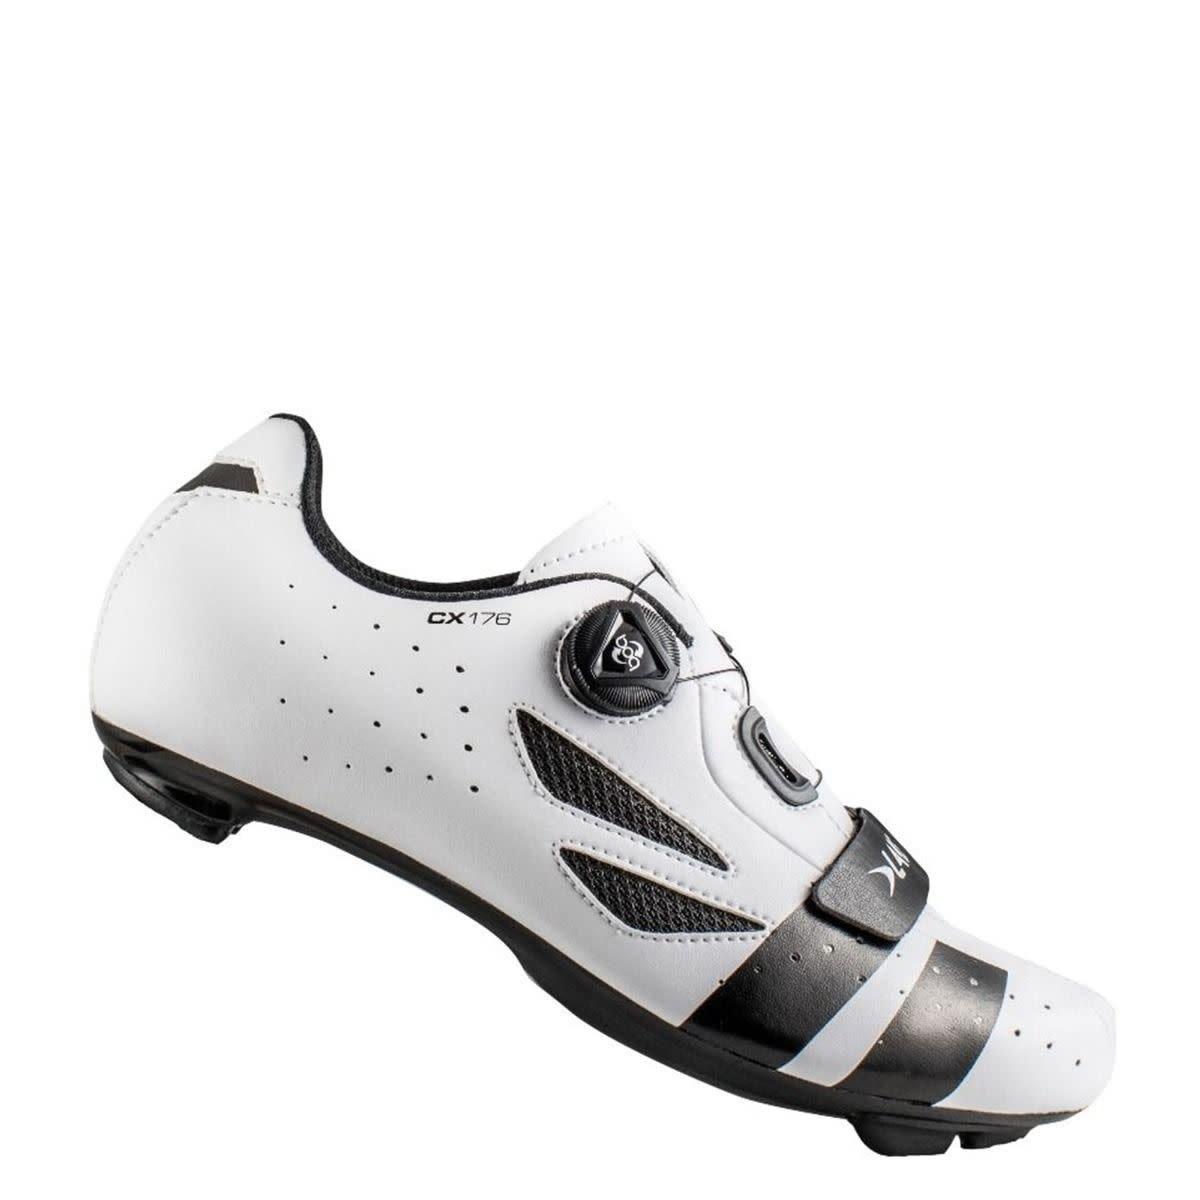 LAKE Lake CX176 White/Black Cycling Shoes